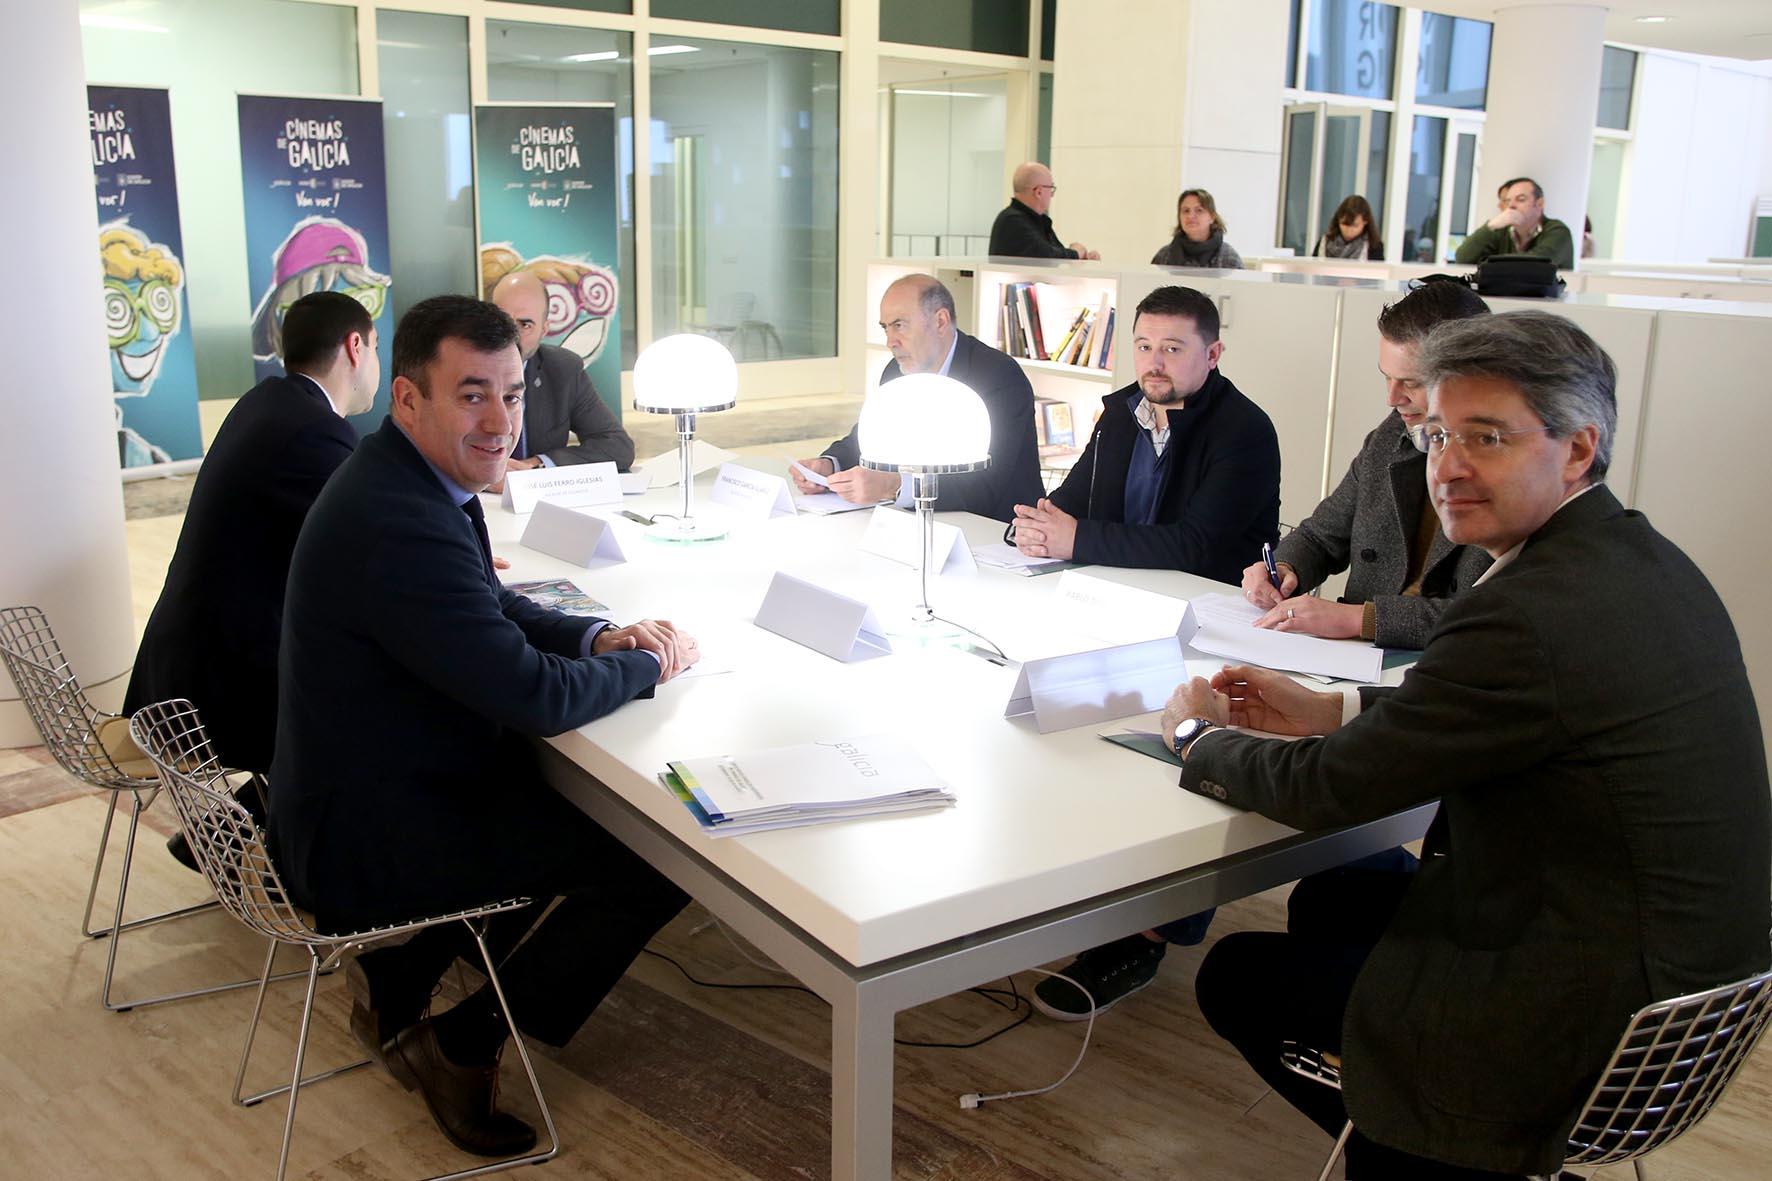 Circuito Cinemas : Nova el circuito cinemas de galicia se amplía a diez